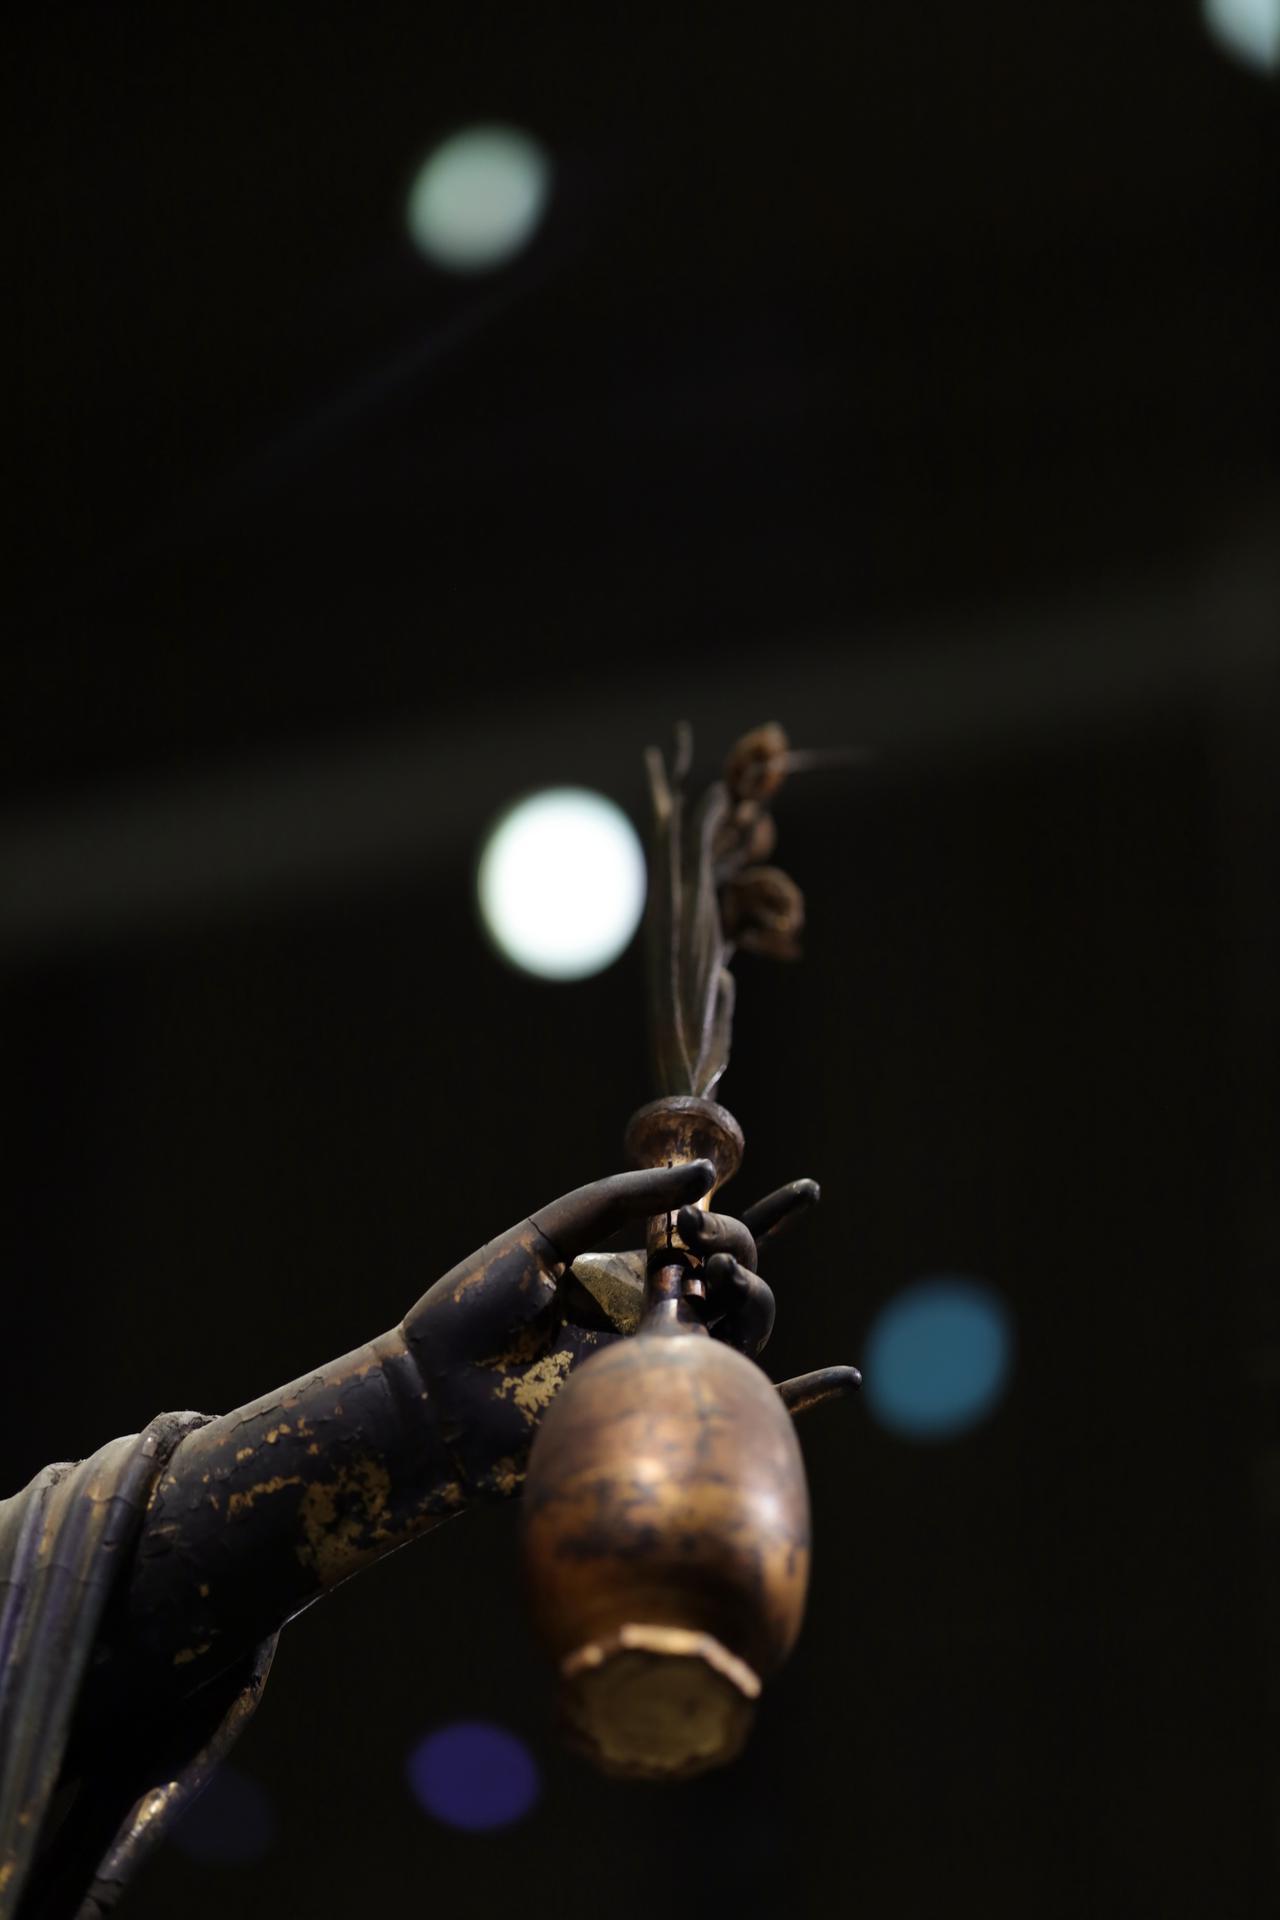 画像: 国宝 十一面観音菩薩立像 (部分・左手と水瓶)奈良時代・8世紀 奈良・聖林寺蔵